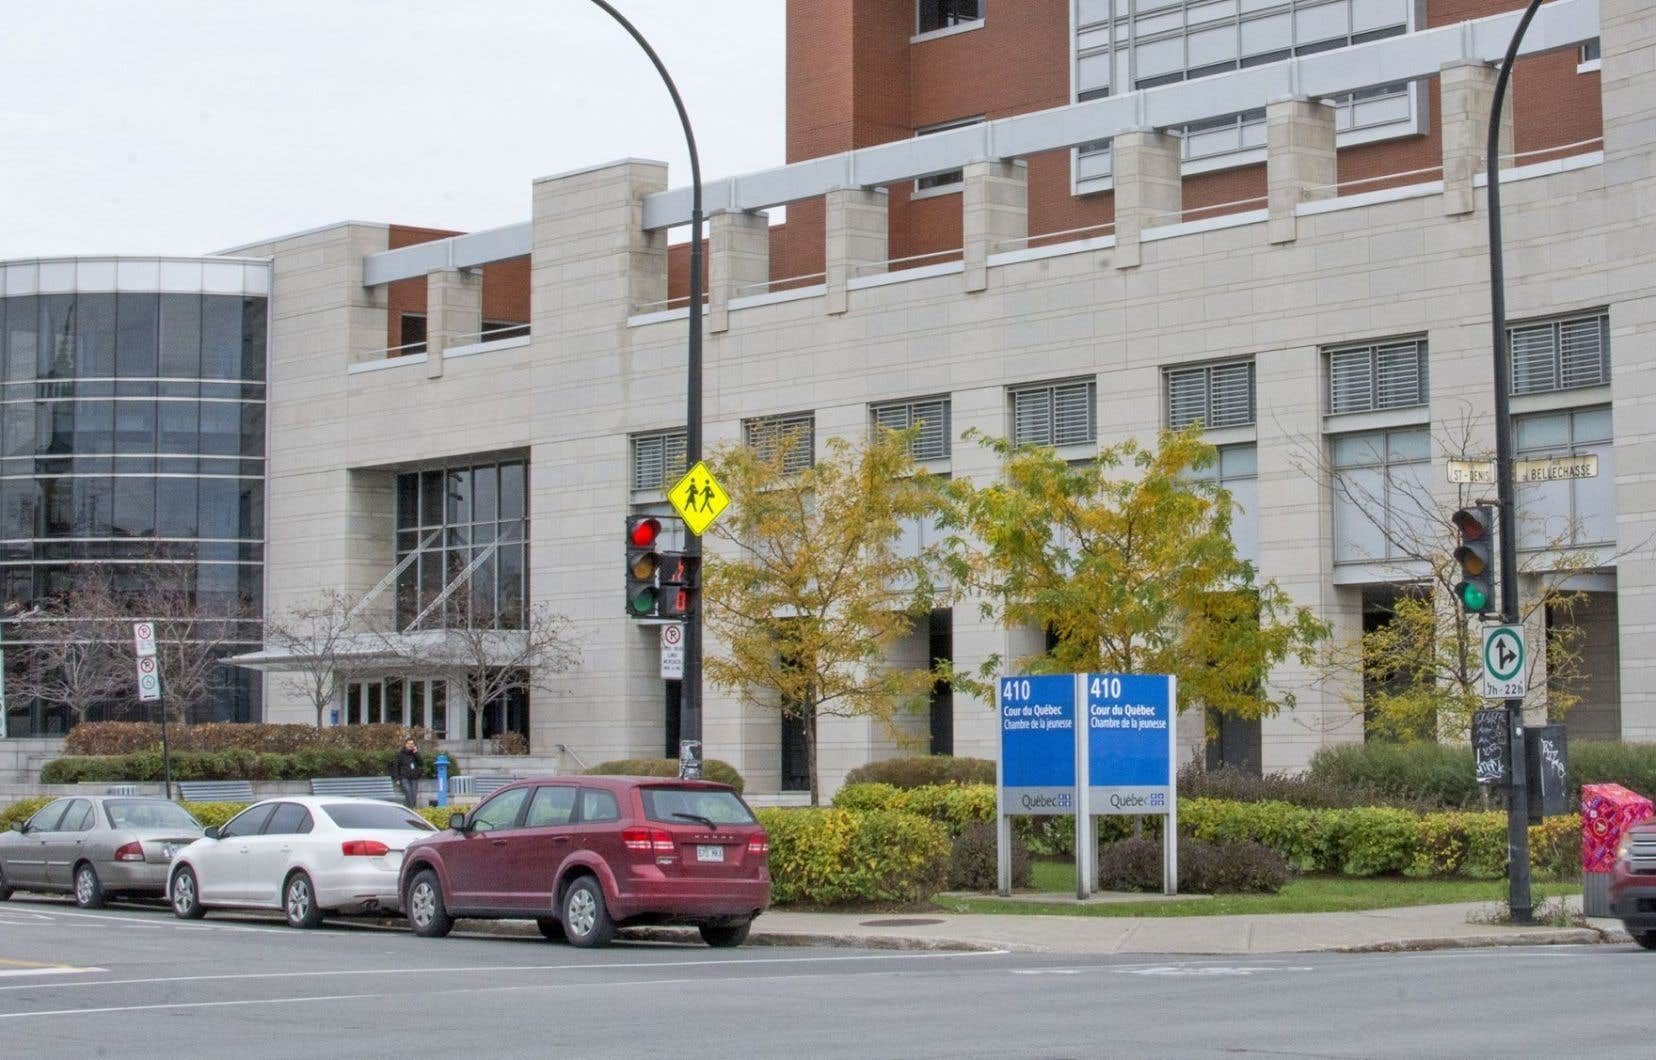 C'est la première fois au Canada qu'un mineur est condamné en vertu des nouvelles dispositions légales pour contrer le terrorisme.